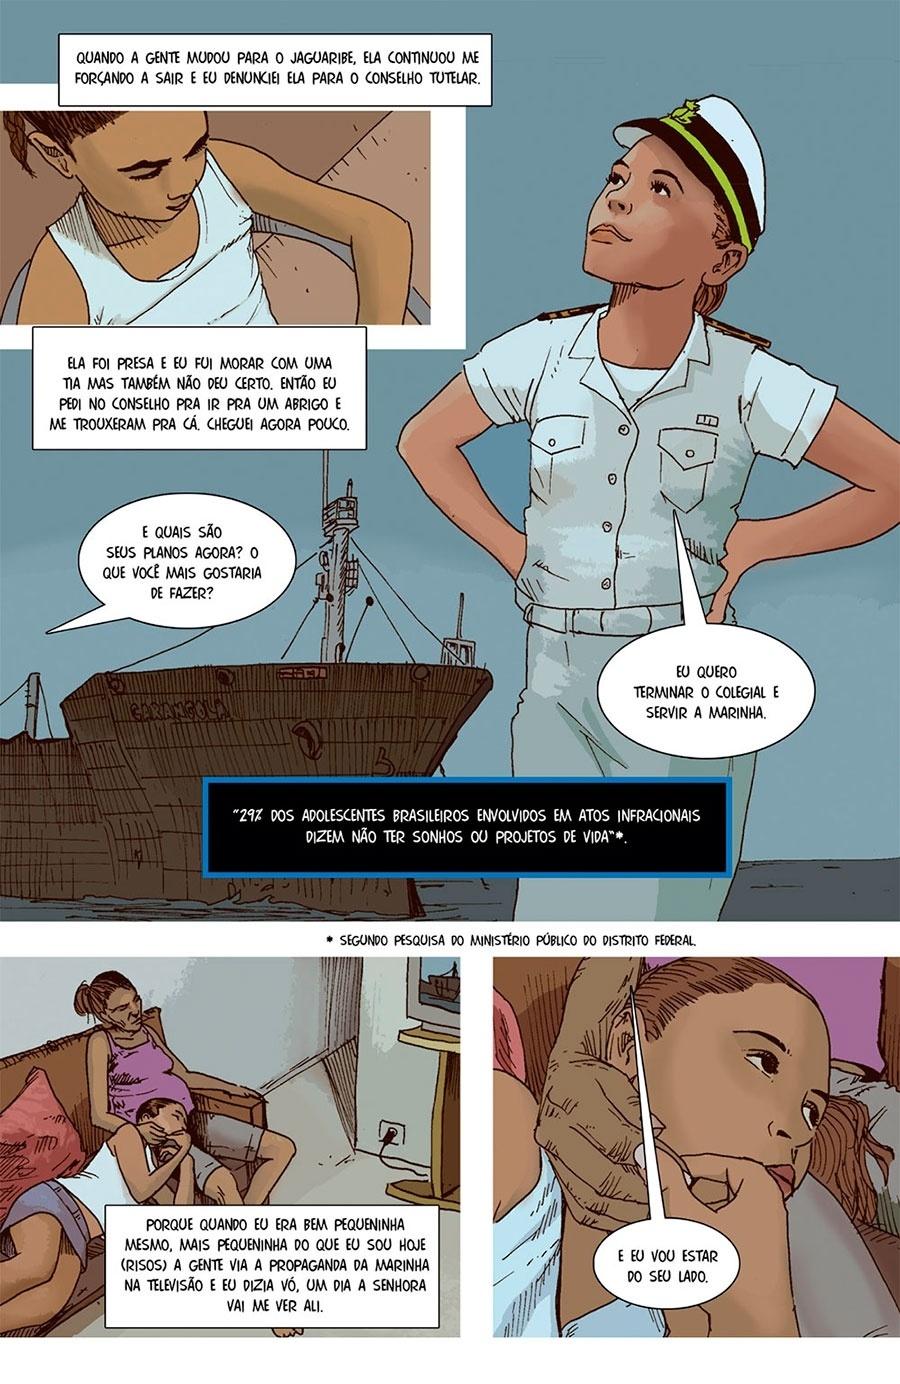 Capítulo 2: Depois de mais cinco anos, ela denunciou a mãe, e foi morar num abrigo.